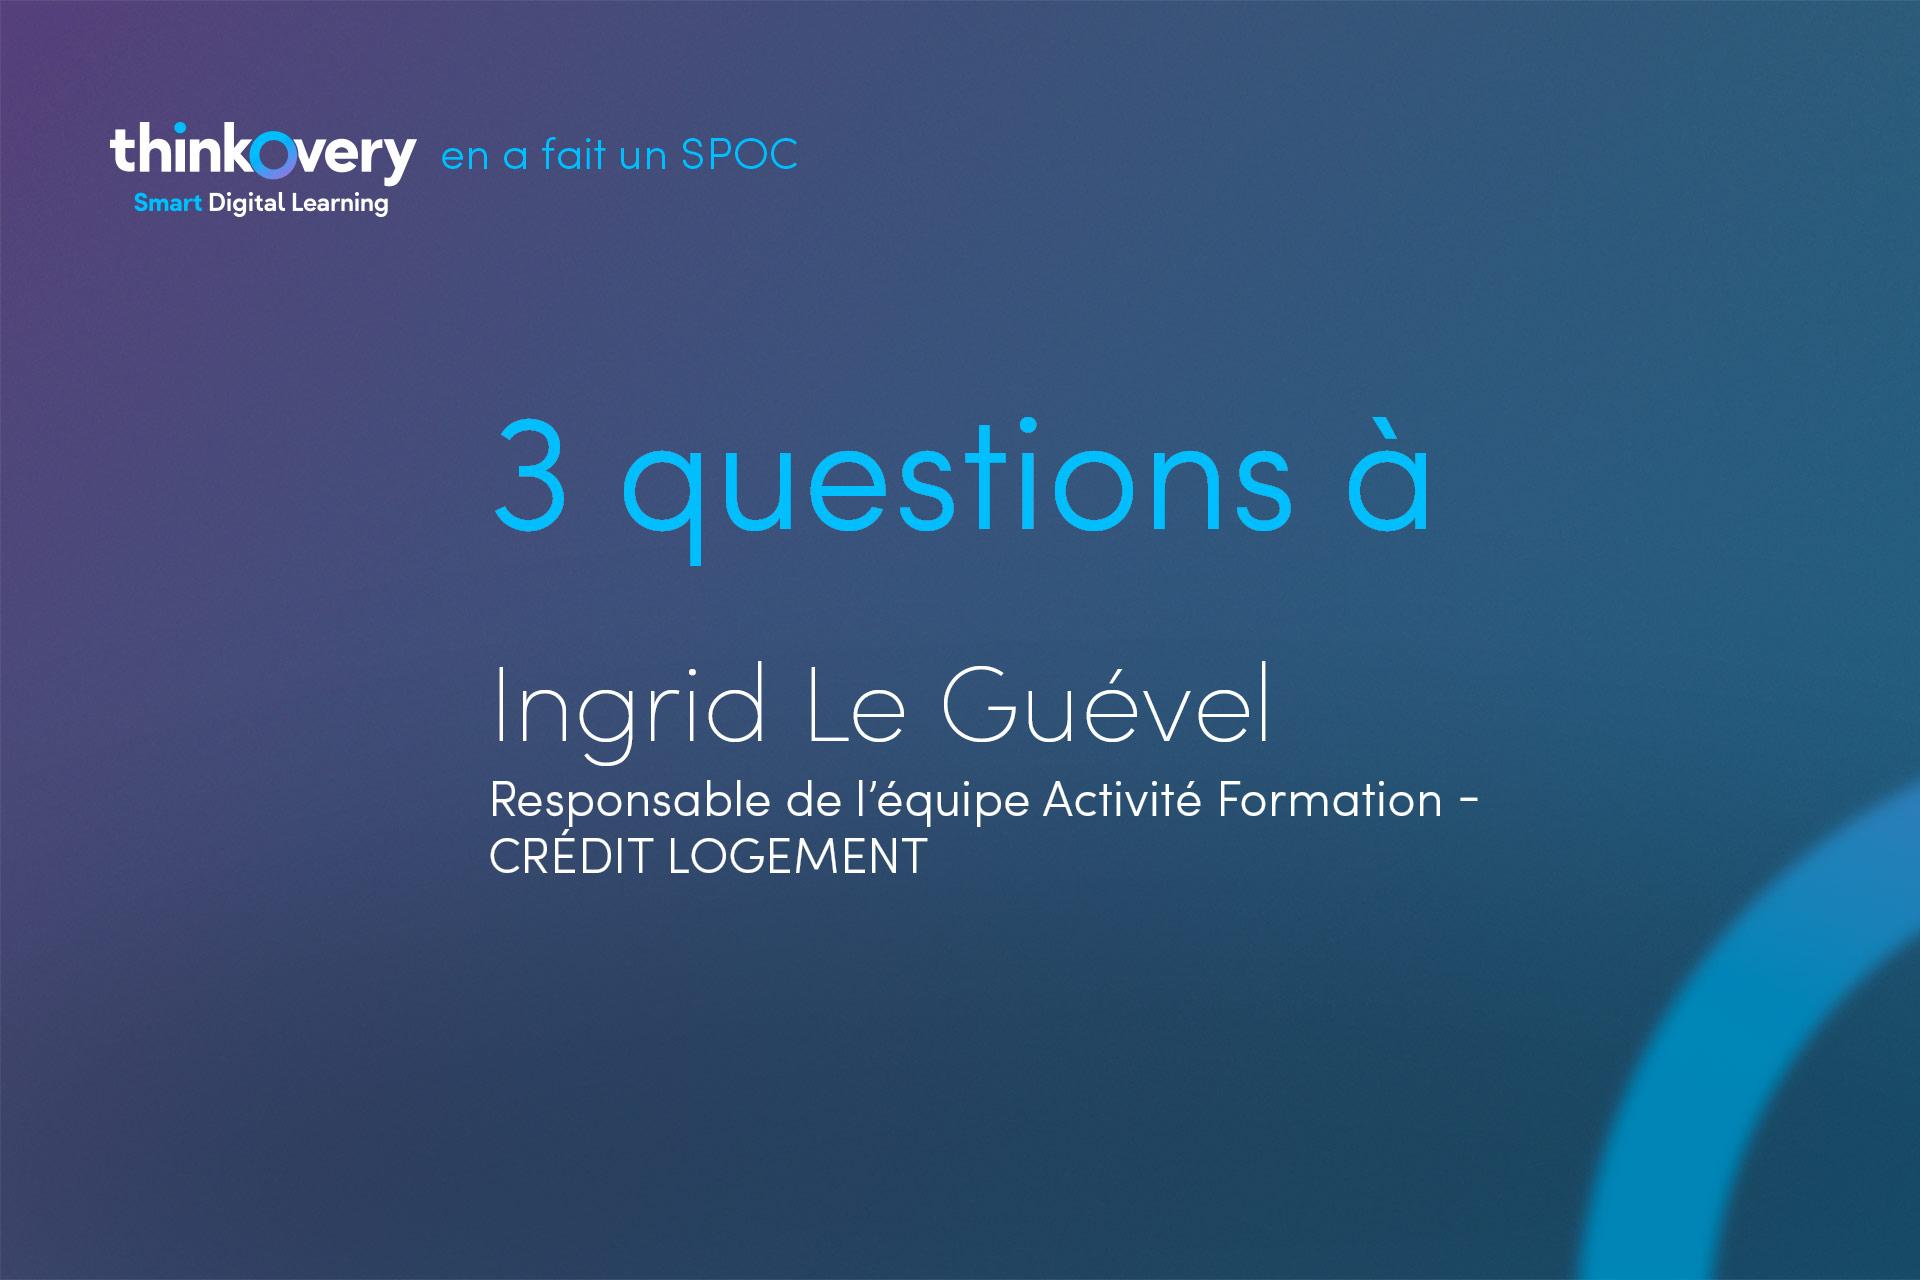 Ingrid Le Guevel repond a nos questions sur le MOOC approche risque dossier pret immobilier